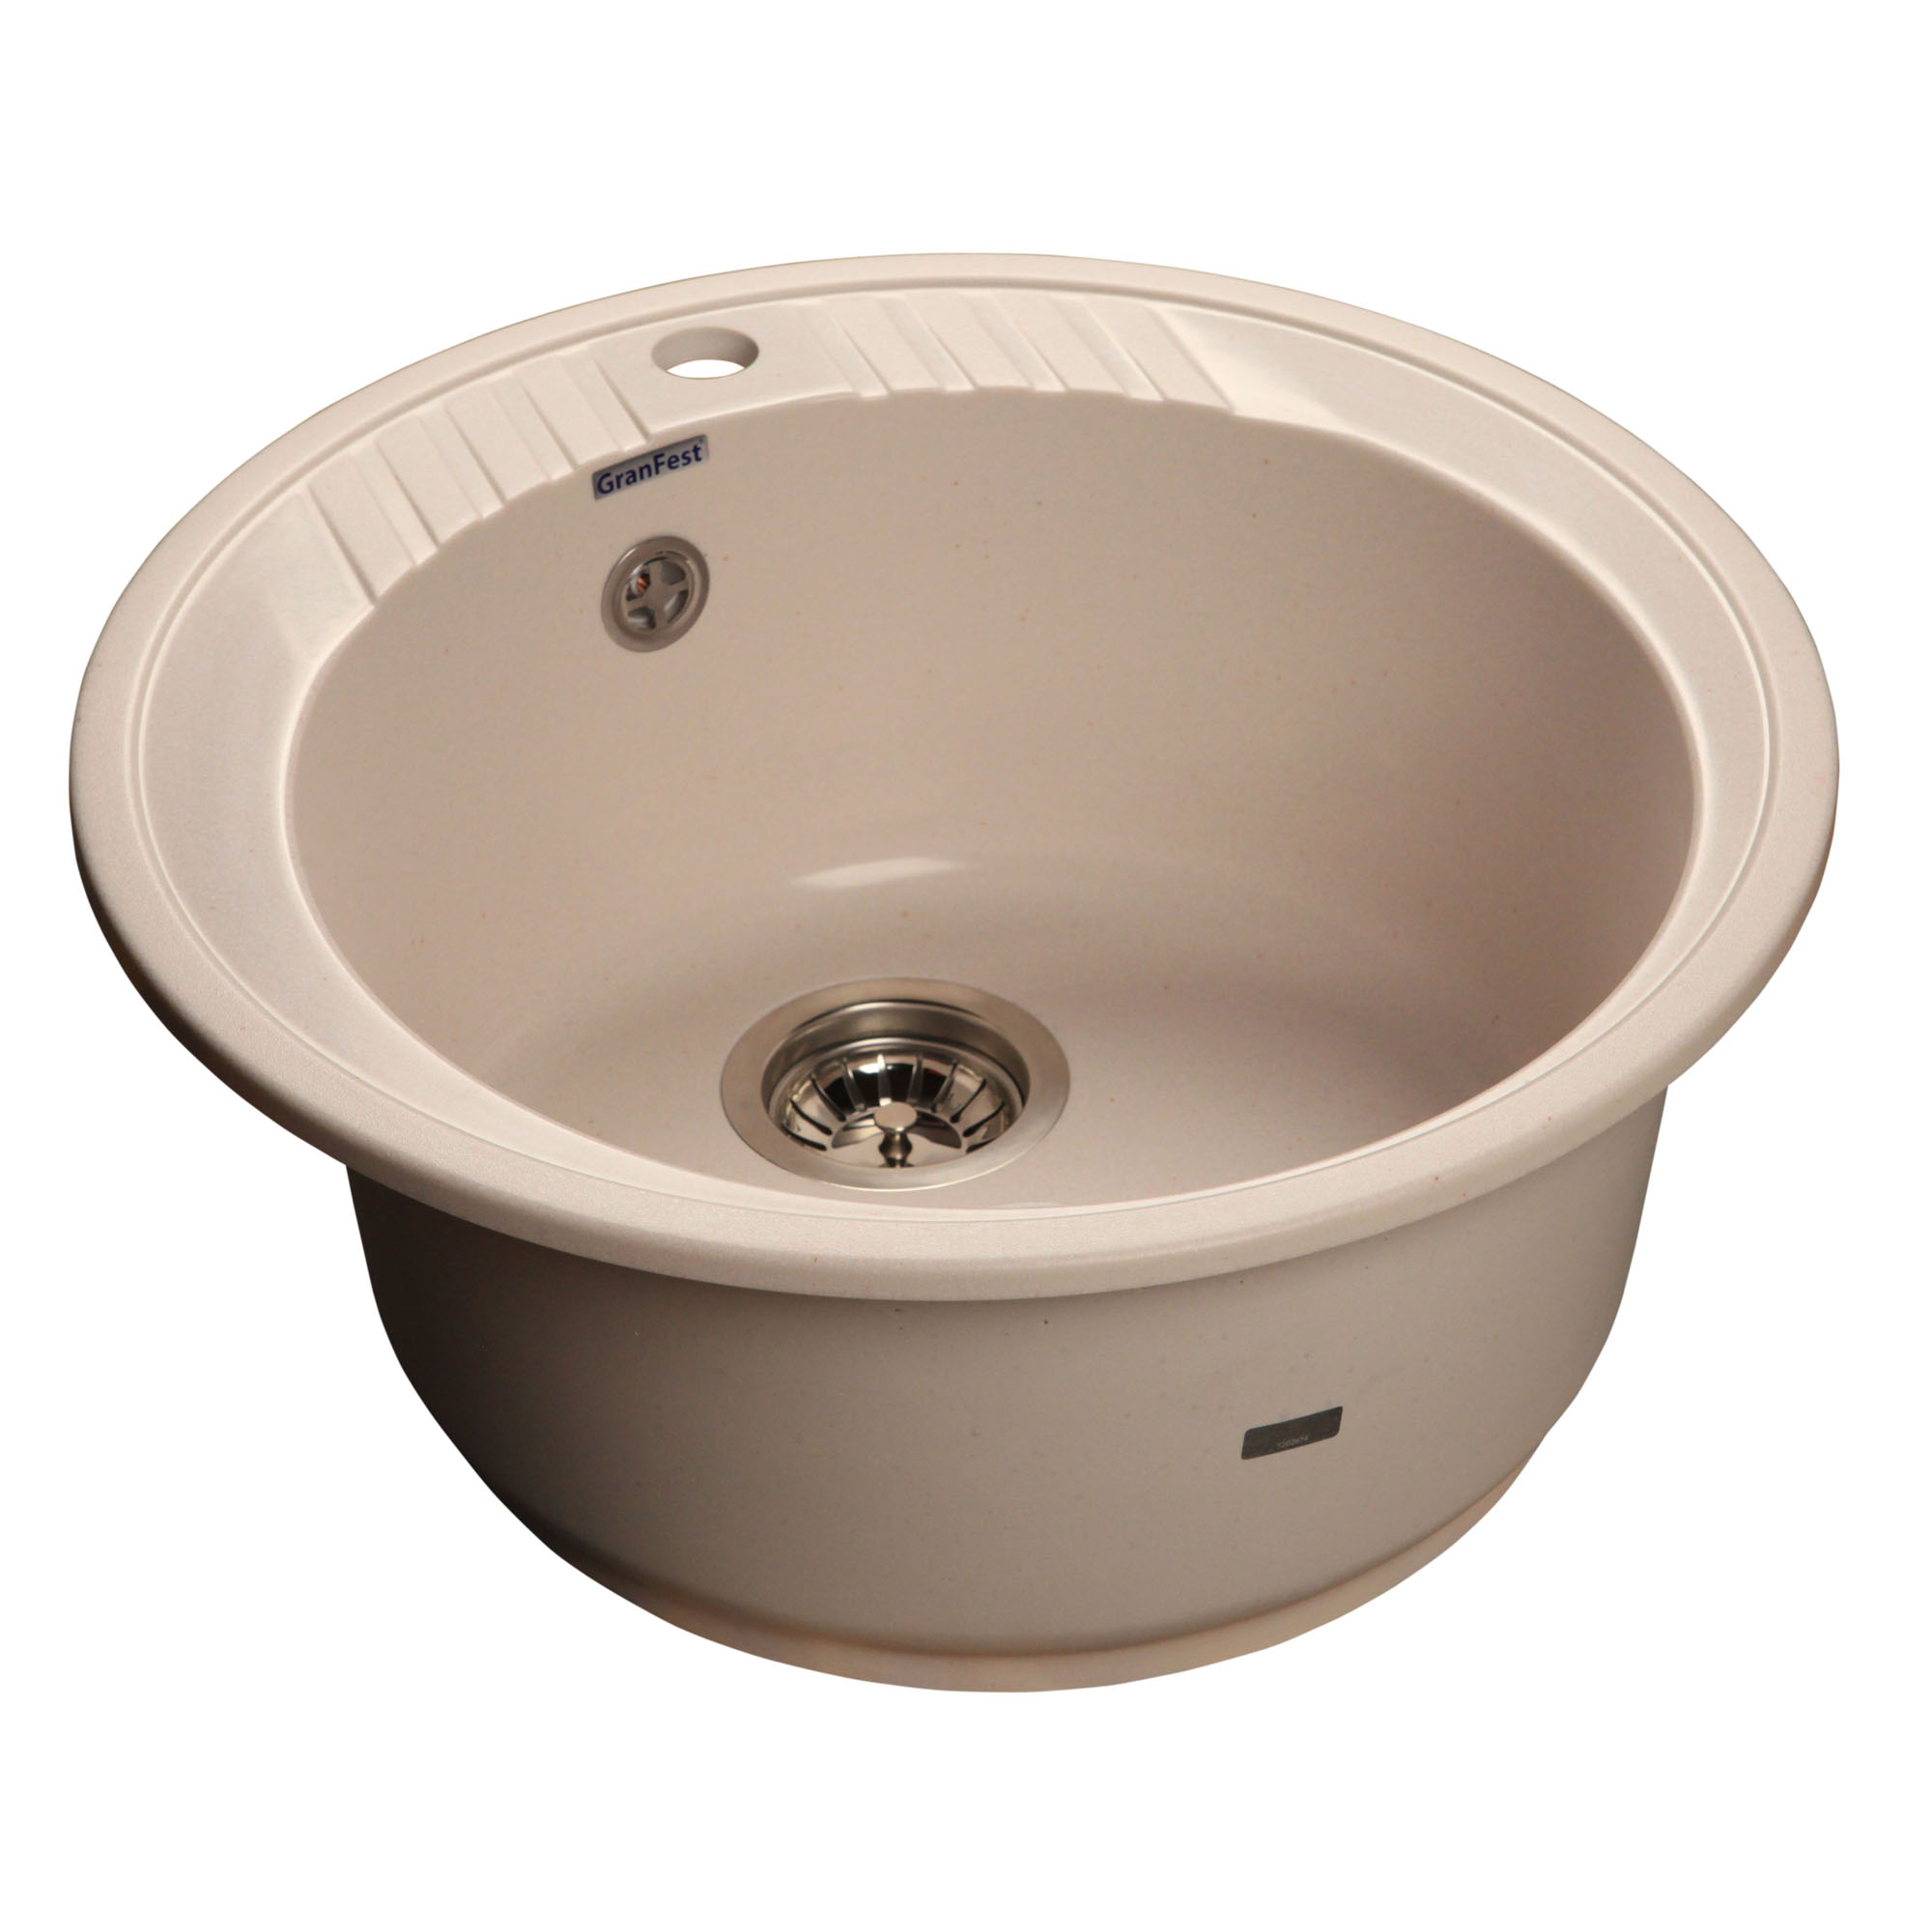 Кухонная мойка GranFest Rondo GF-R520 белый мойка кухонная granfest гранит d520 gf r520 терракот